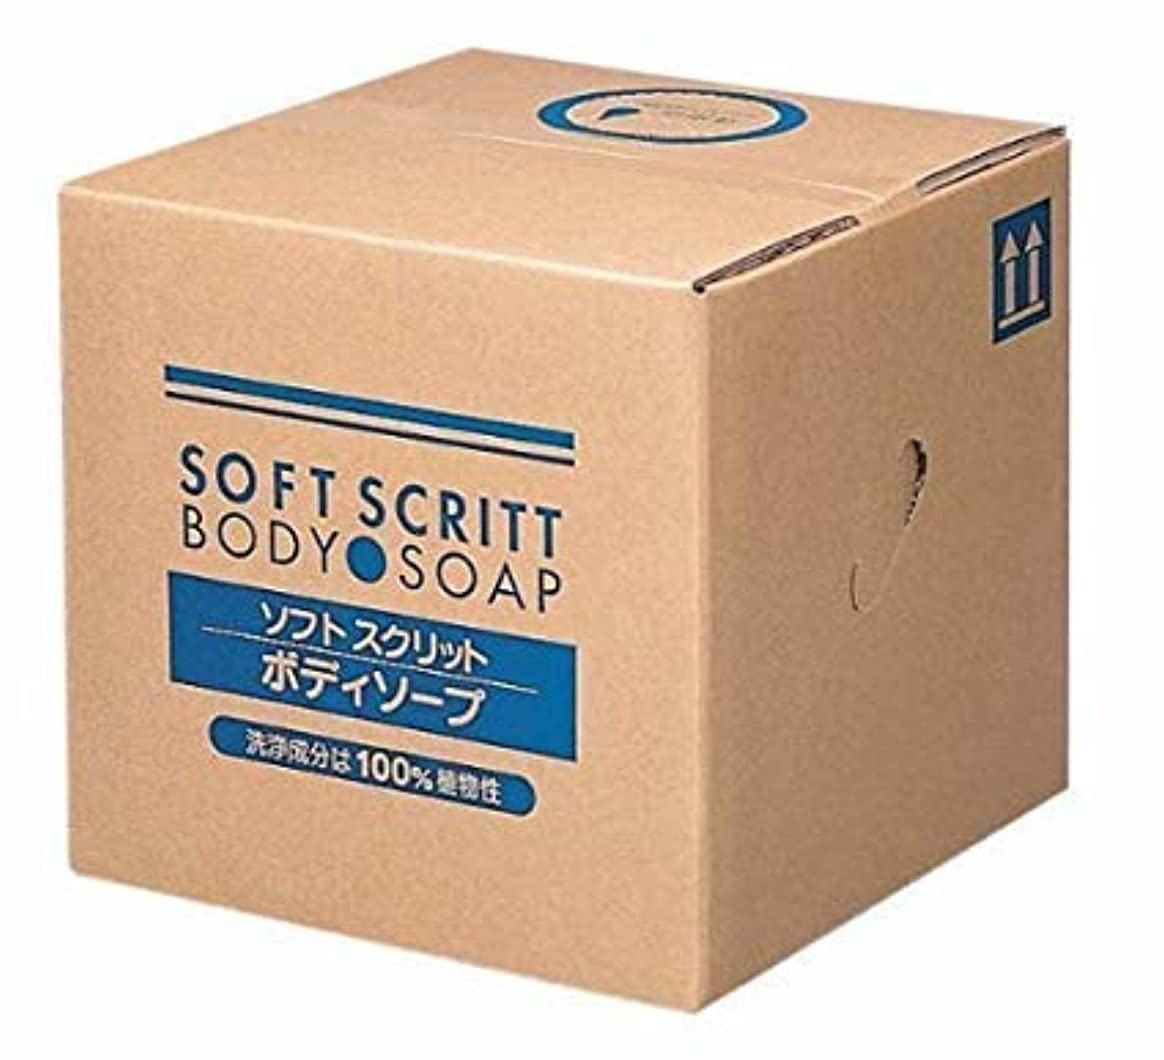 持っている何野望業務用 SOFT SCRITT(ソフト スクリット) ボディソープ 18L 熊野油脂 (コック無し)